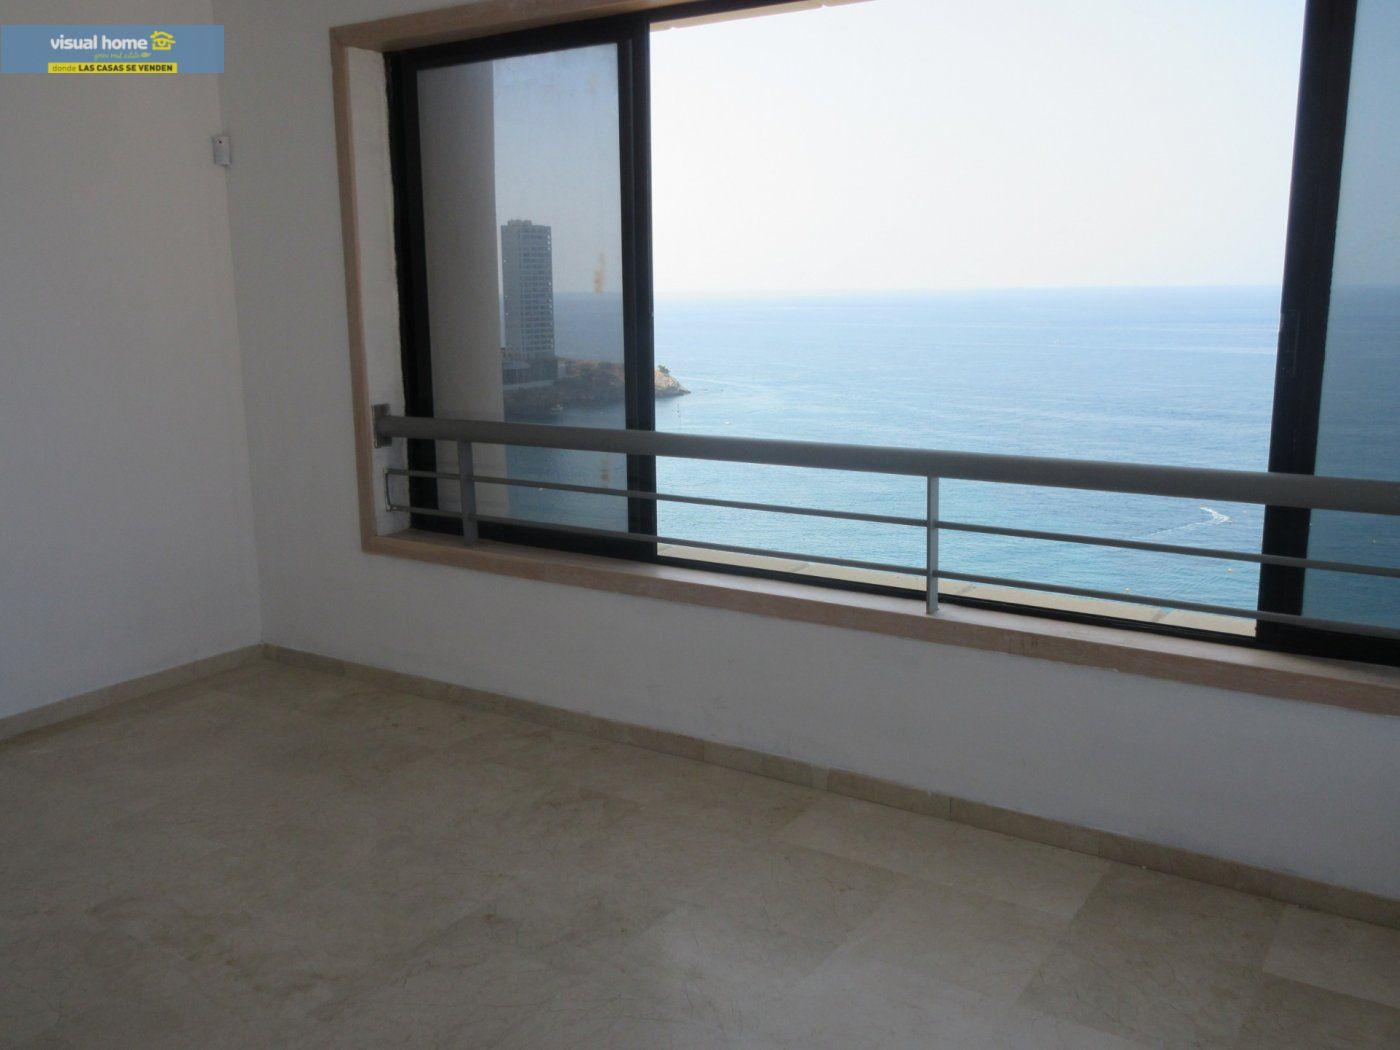 Apartamento de 1 dormitorio con espectaculares vistas  en 1ª linea de playa con parking y piscina 5